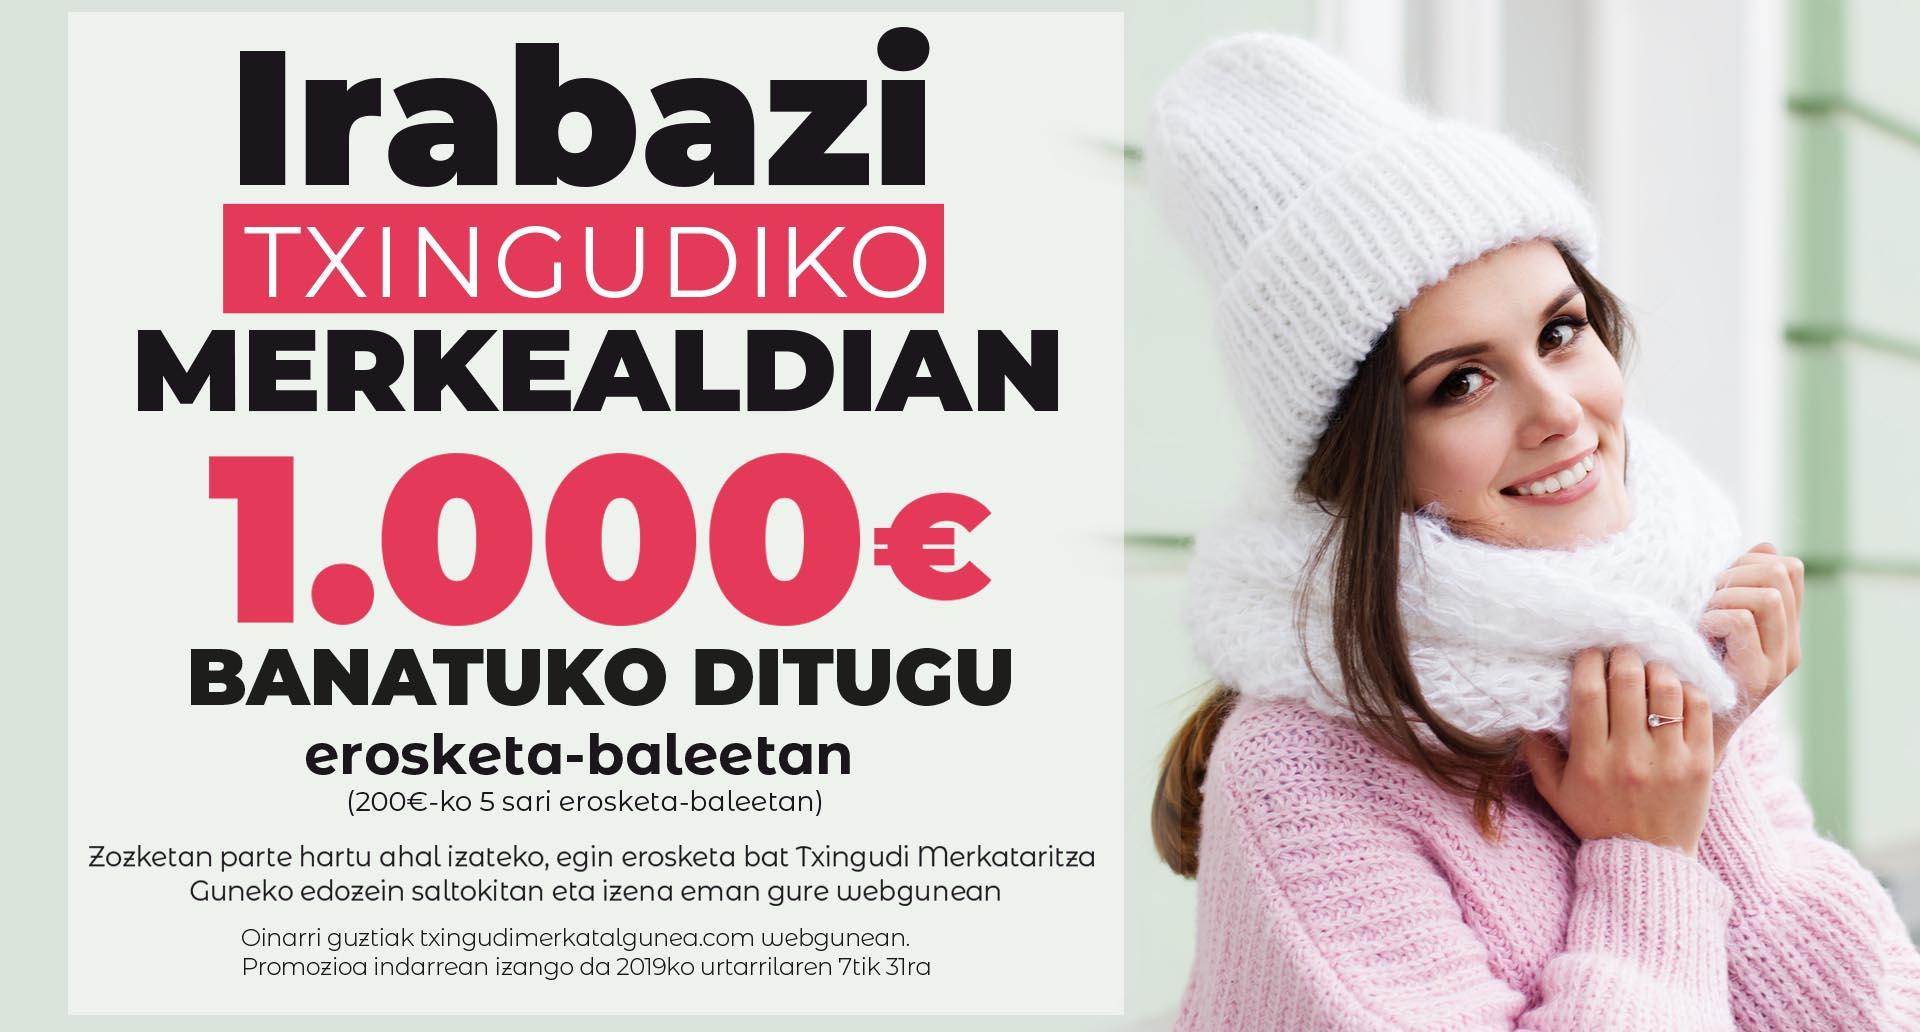 Irabazi txingudiko merkealdian, 1.000€ banatuko ditugu erosketa-baleetan